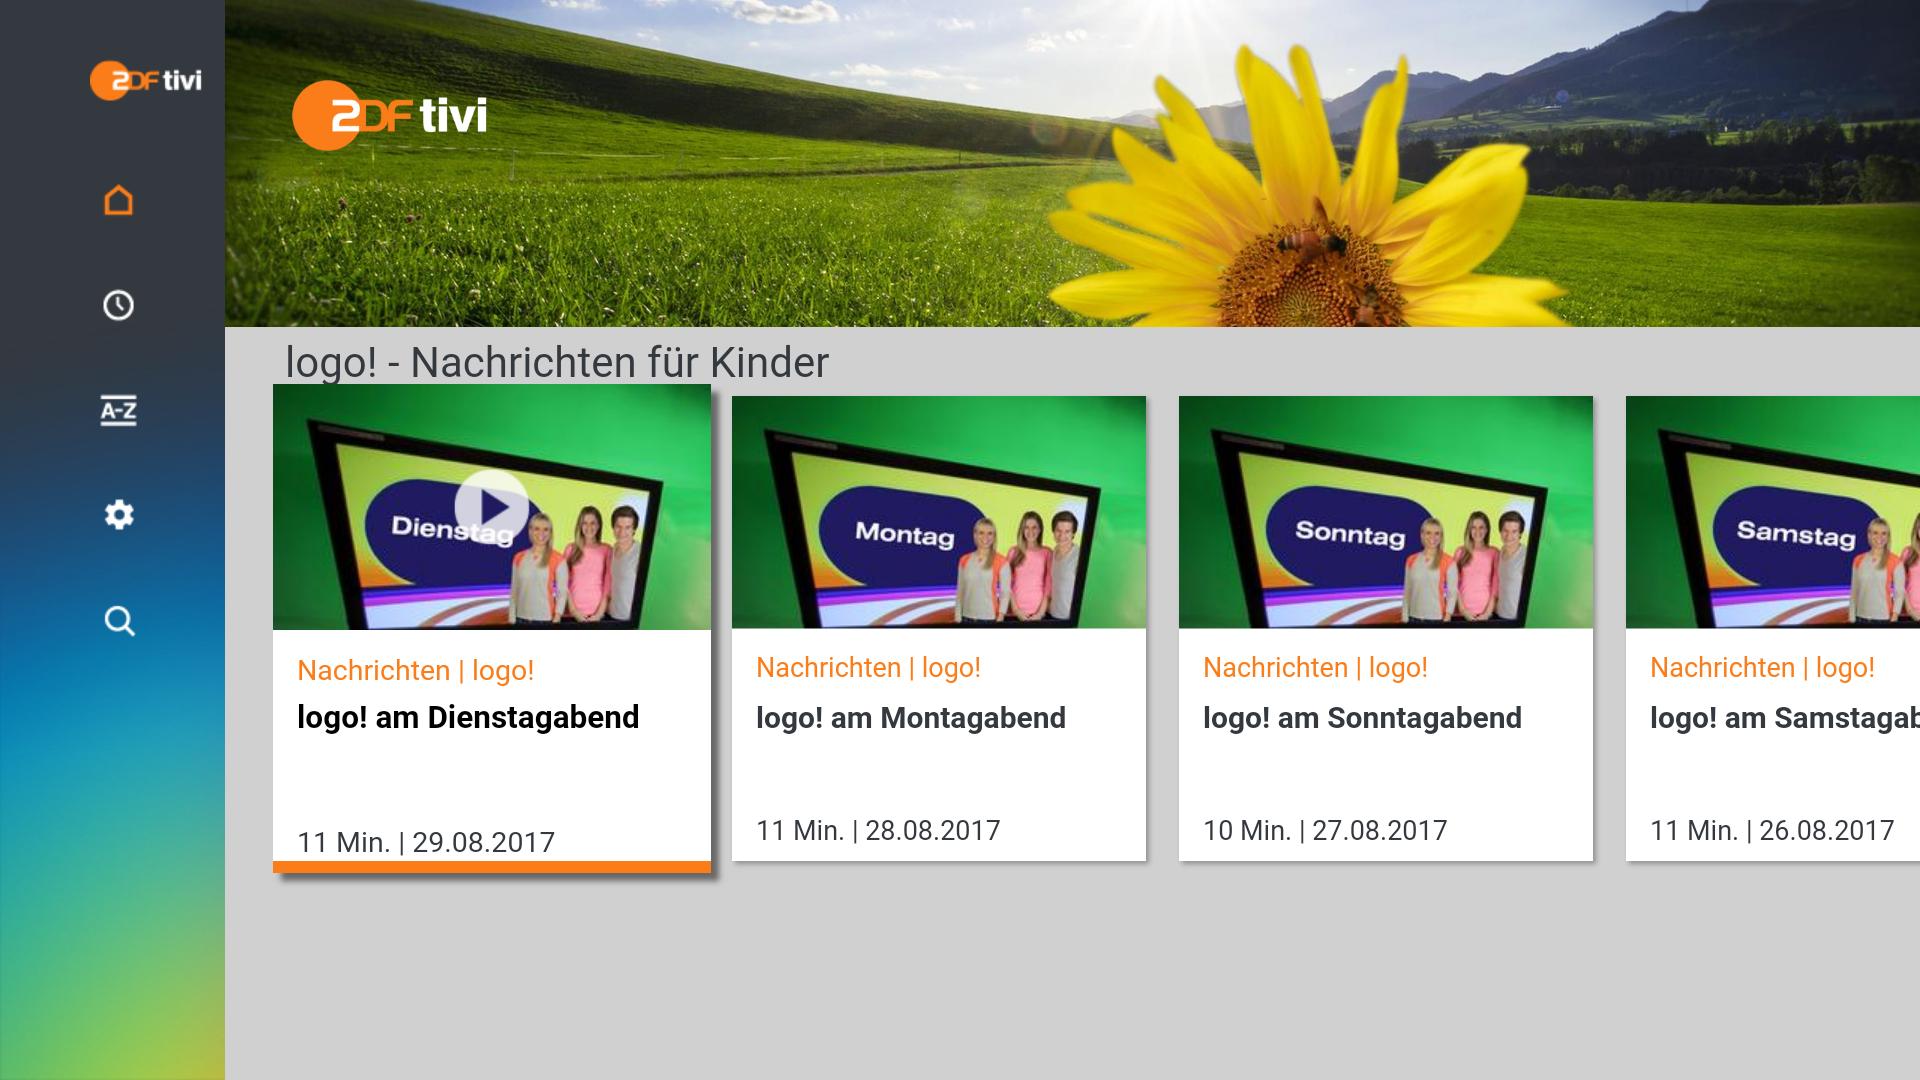 ZDFtivi-App – Videos und Unterhaltung für Kinder - 10